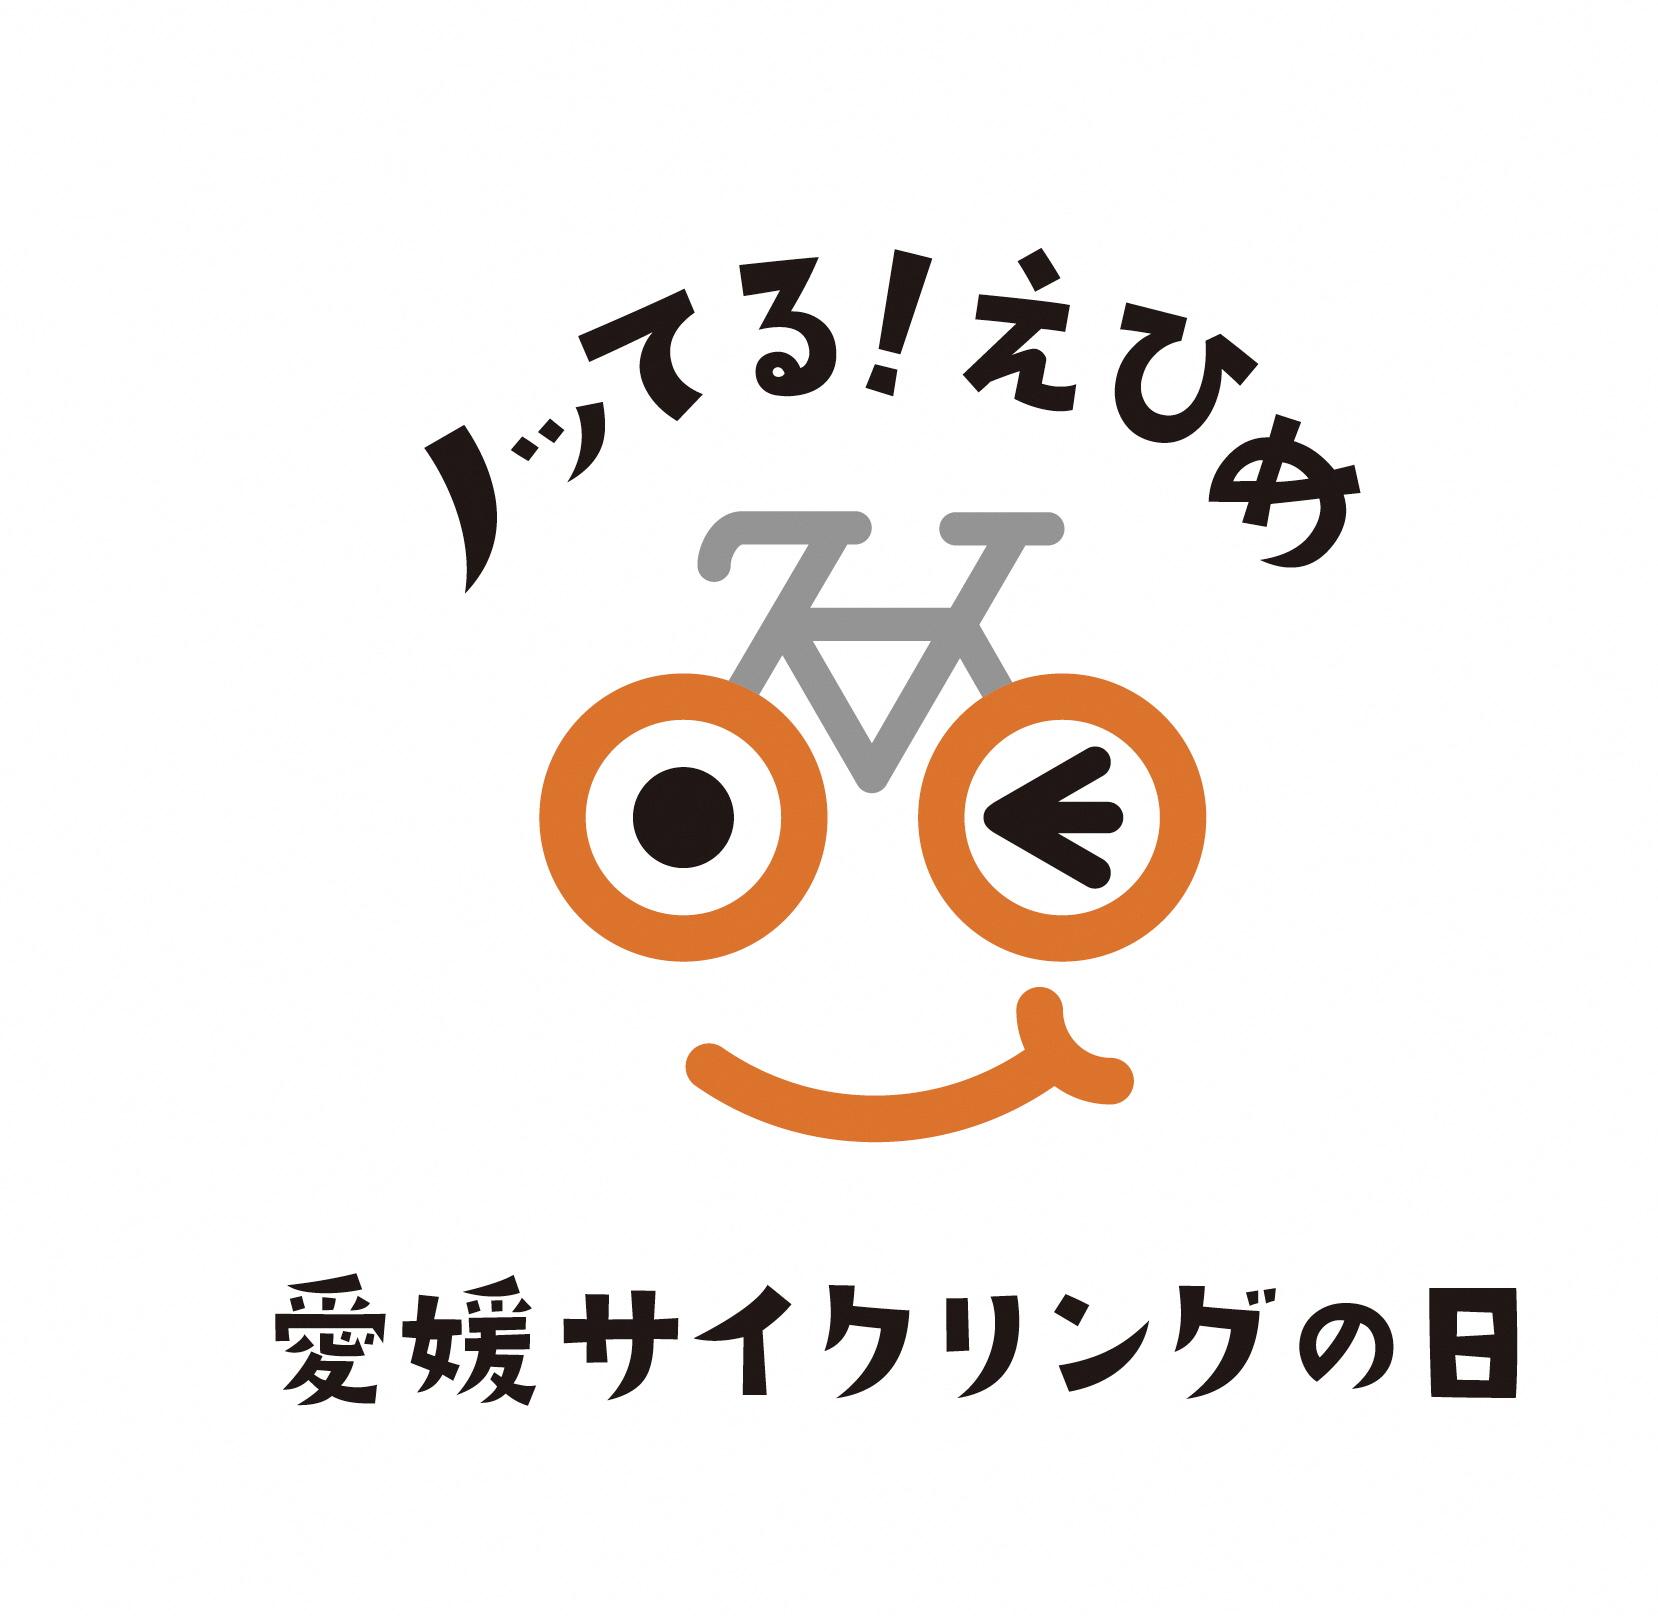 神南山アドベンチャーhillclimb2019[オフロードコース]|南予イベント情報♪